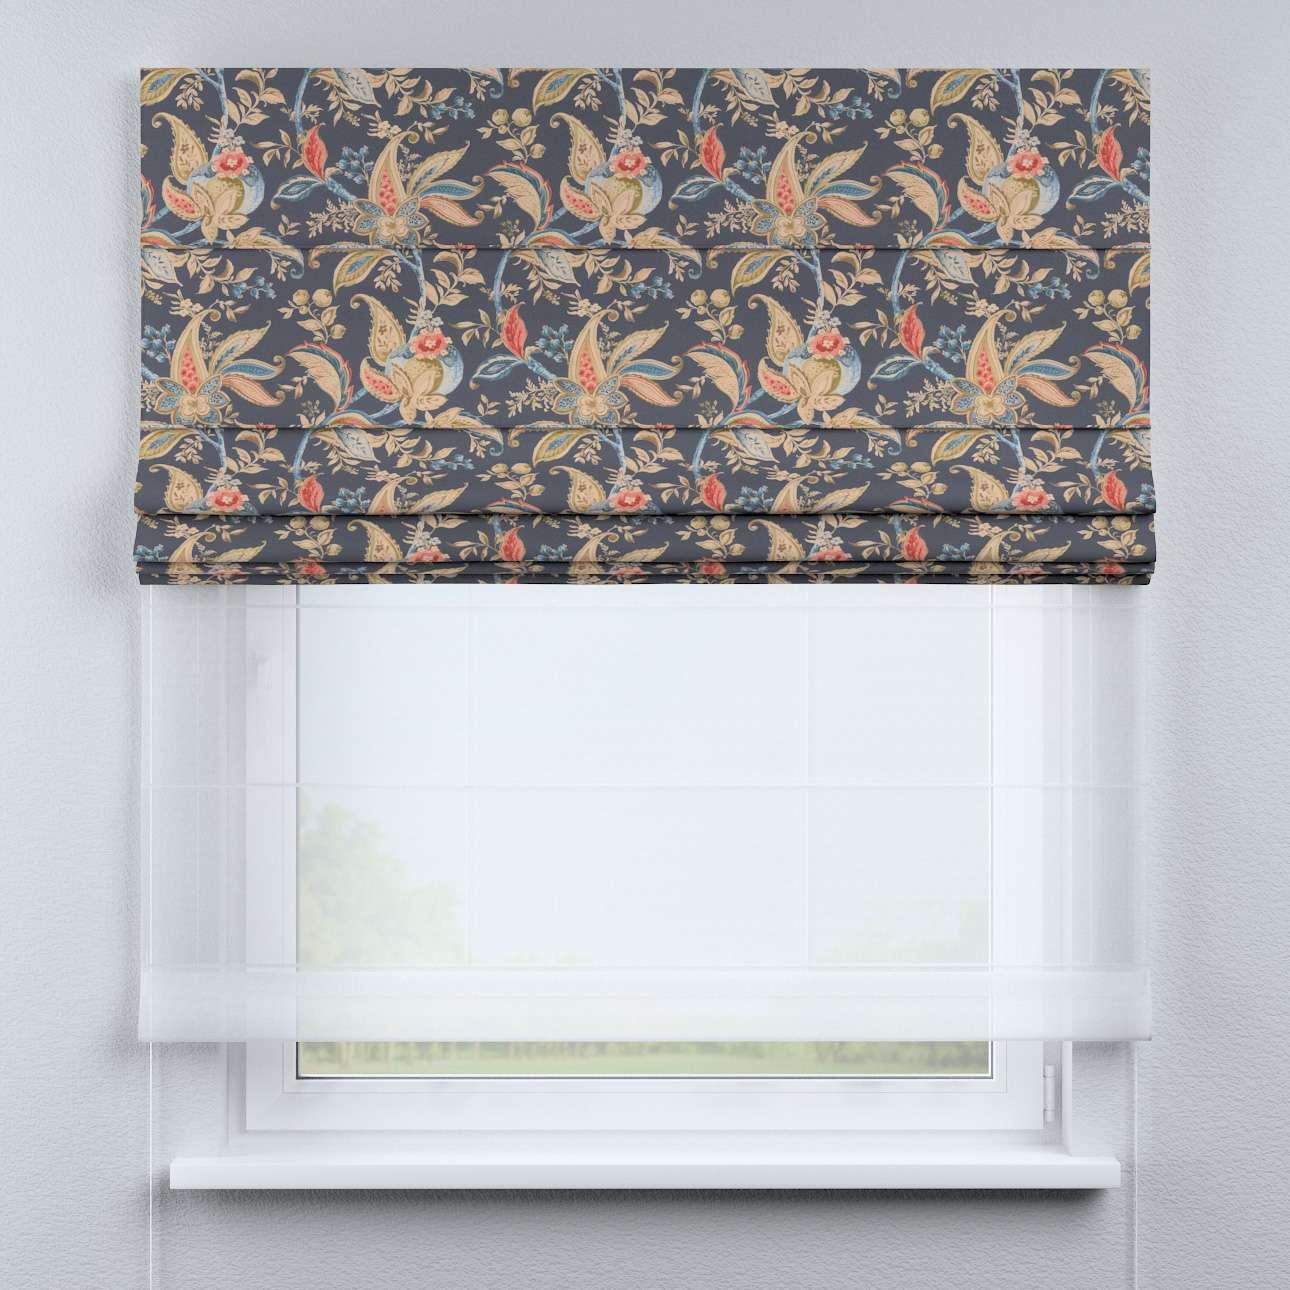 Roleta rzymska Duo 130×170cm w kolekcji Gardenia, tkanina: 142-19